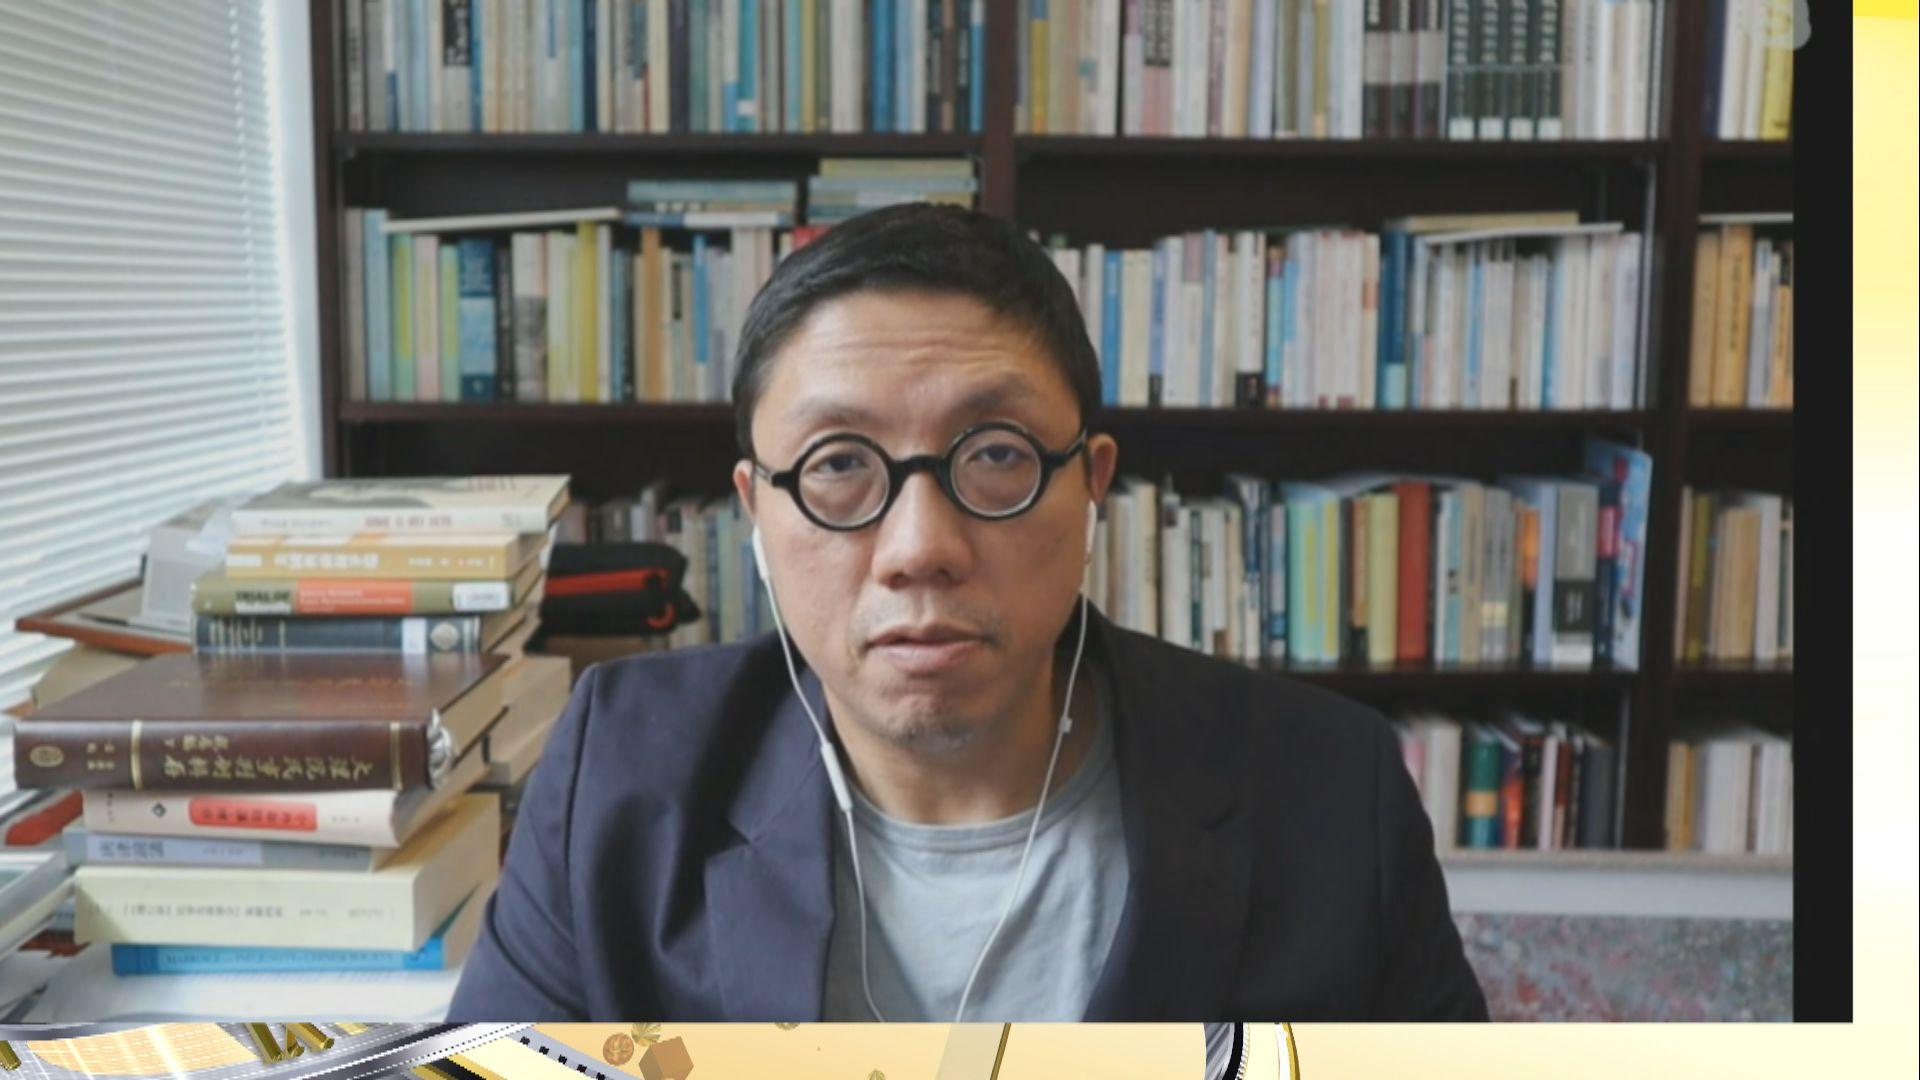 【MAX觀點】港府就美禁香港製造標籤交涉有難度 港商宜親自游說華府?